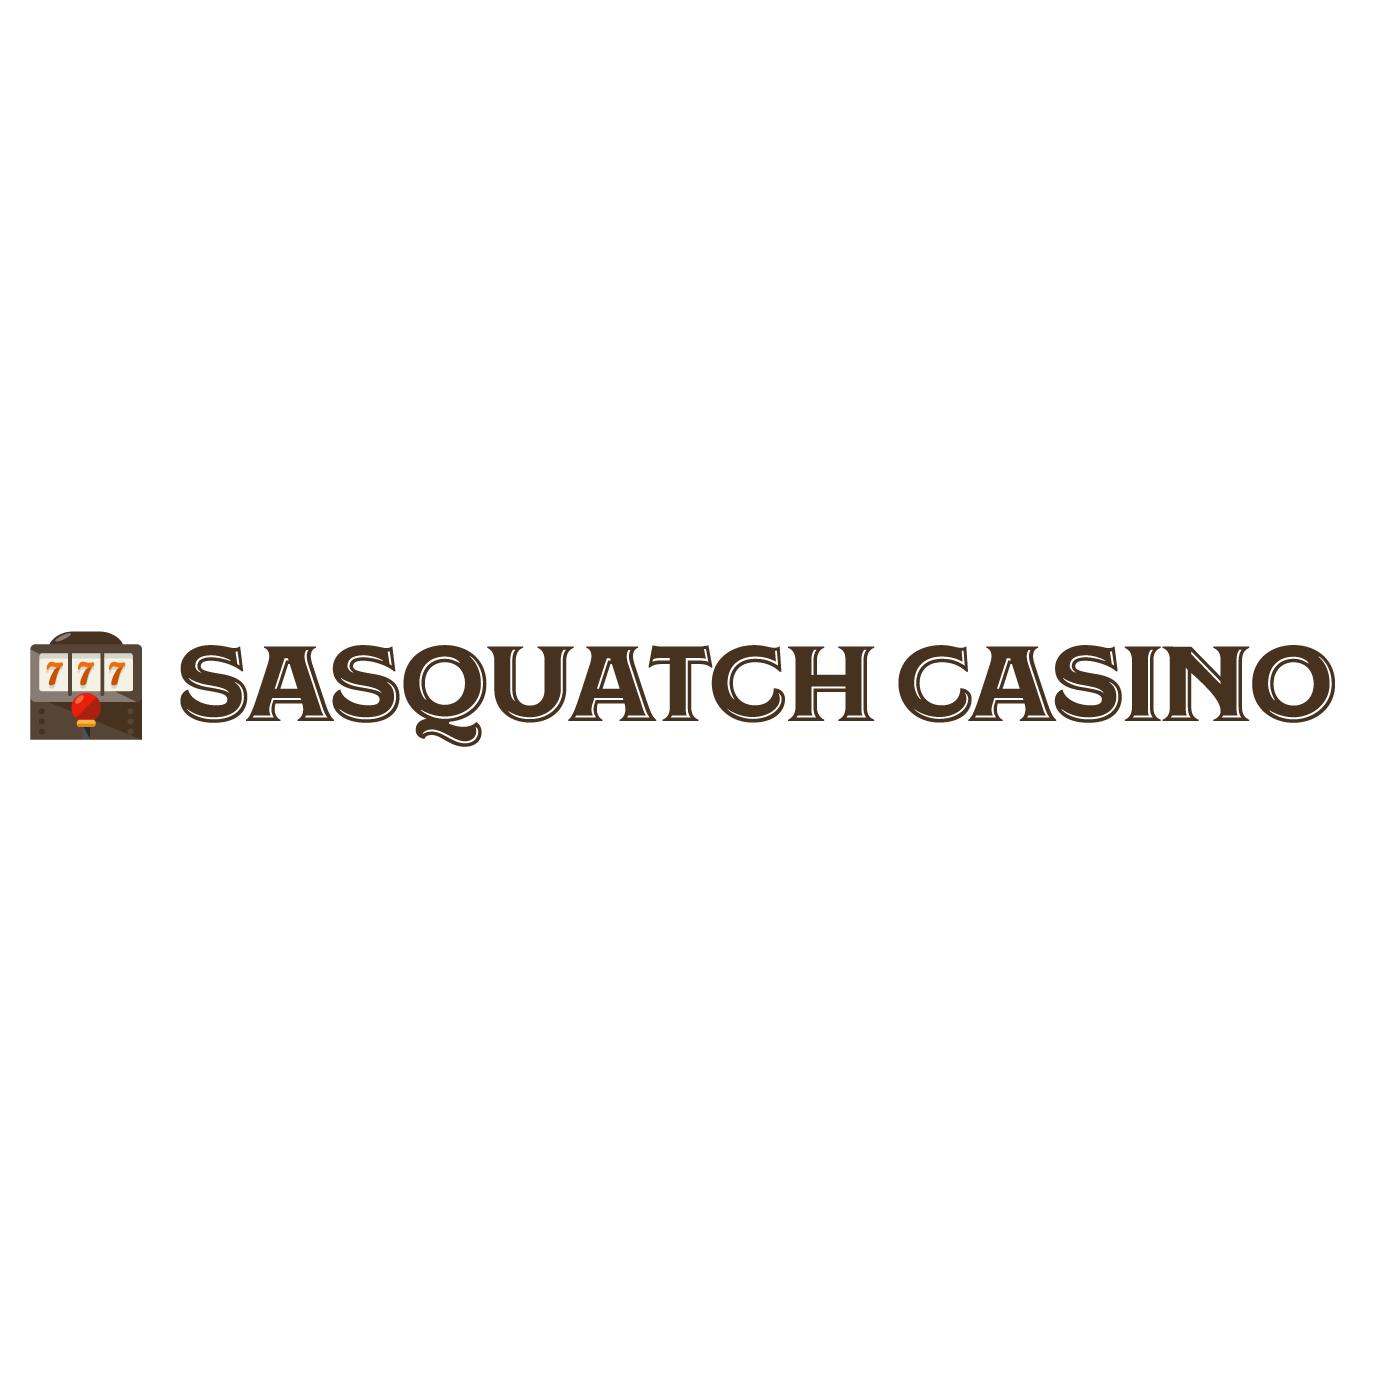 Sasquatch Casino